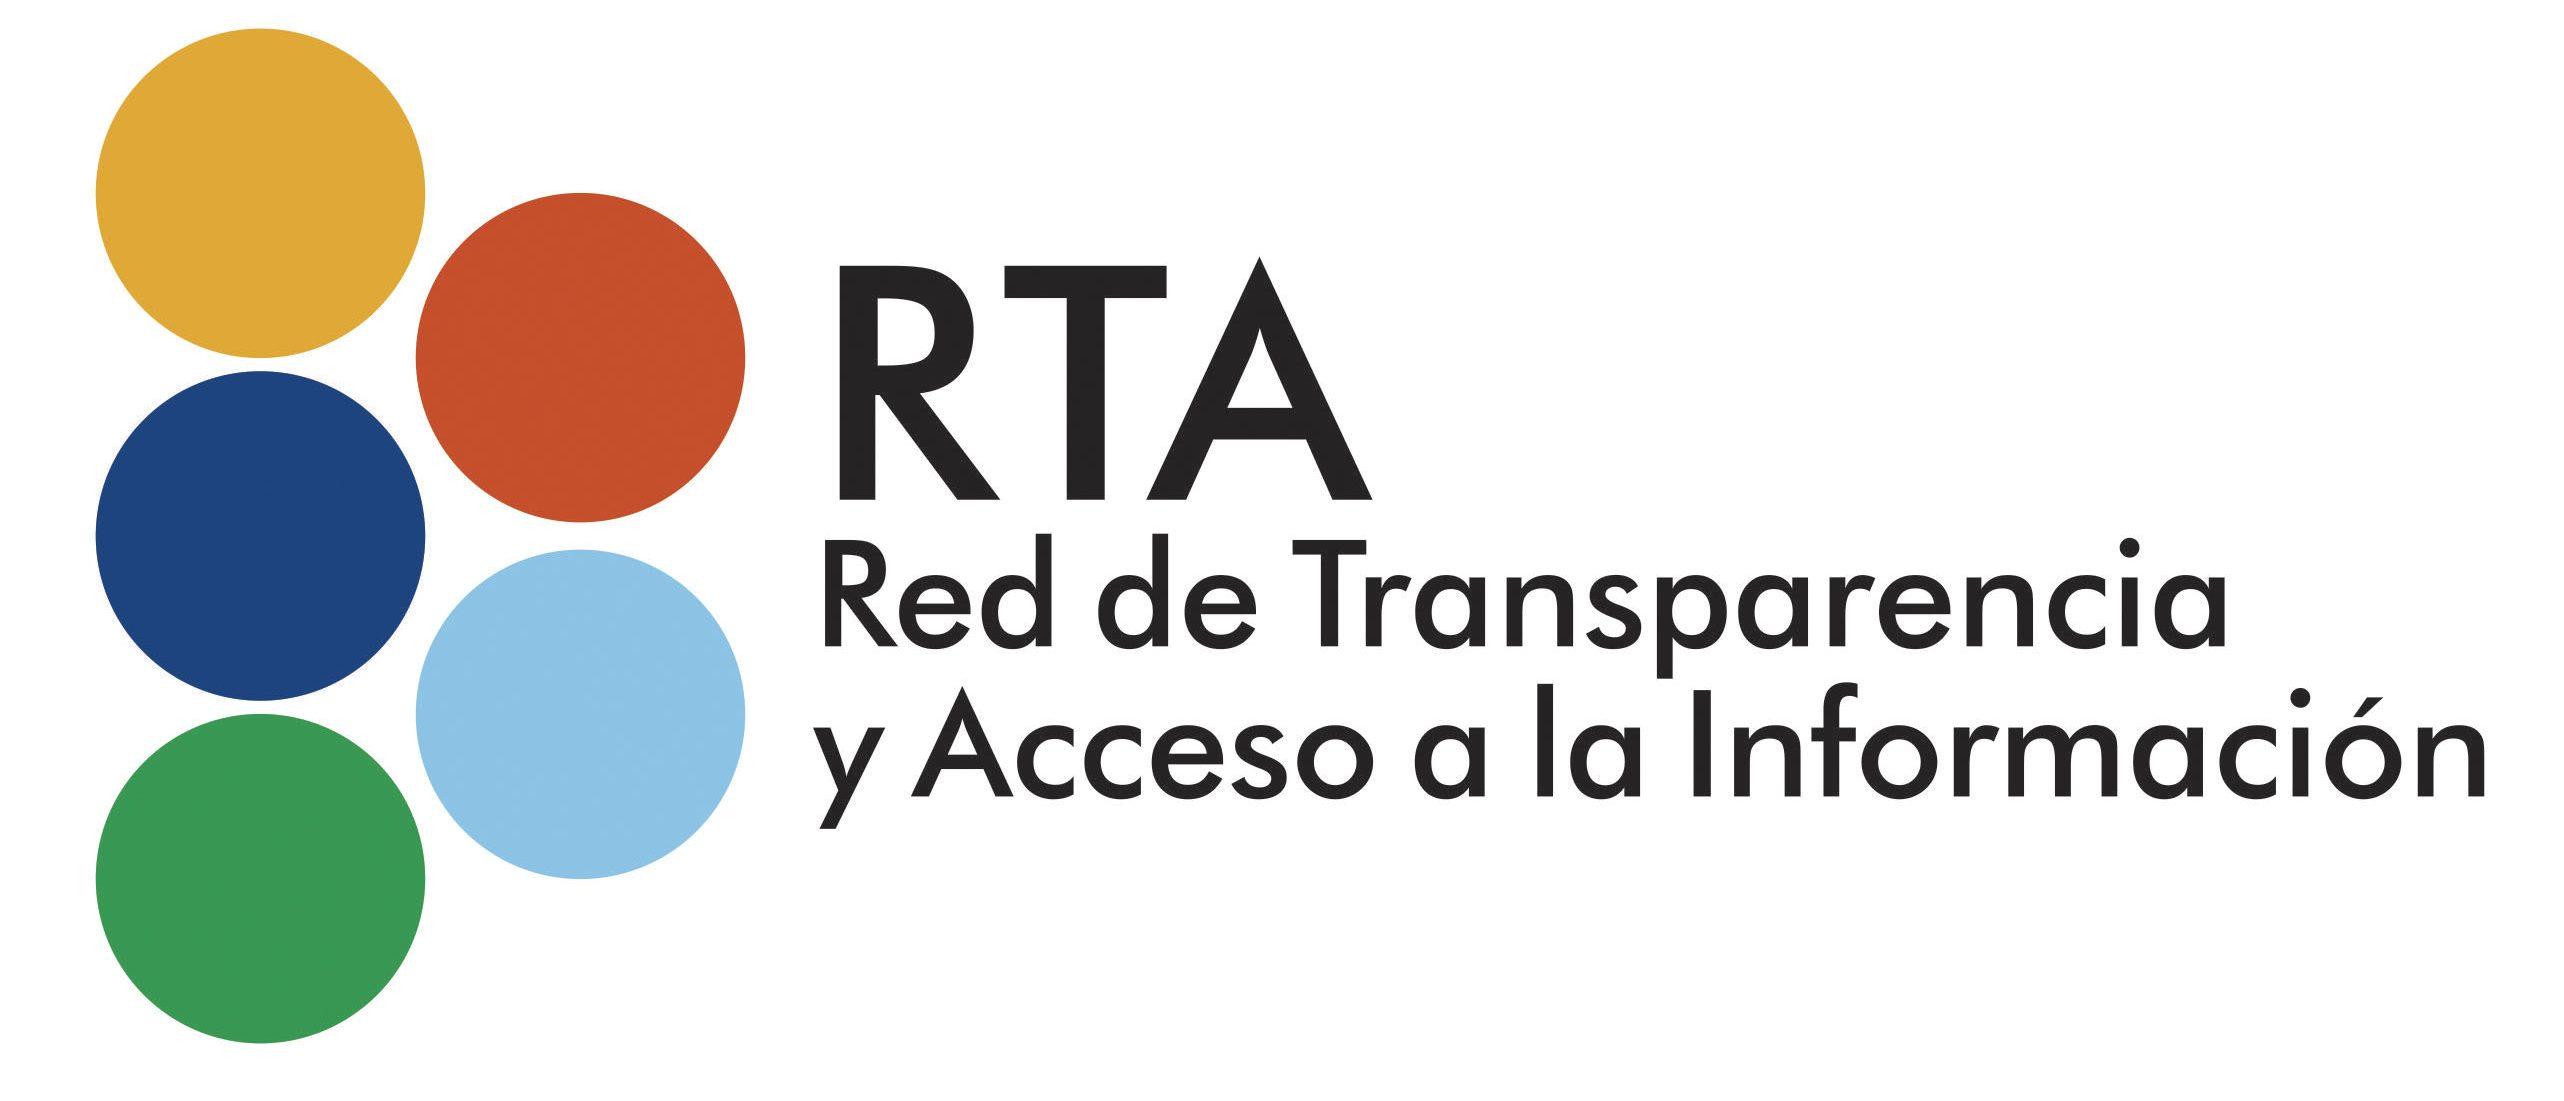 Red de transparencia y acceso ala información